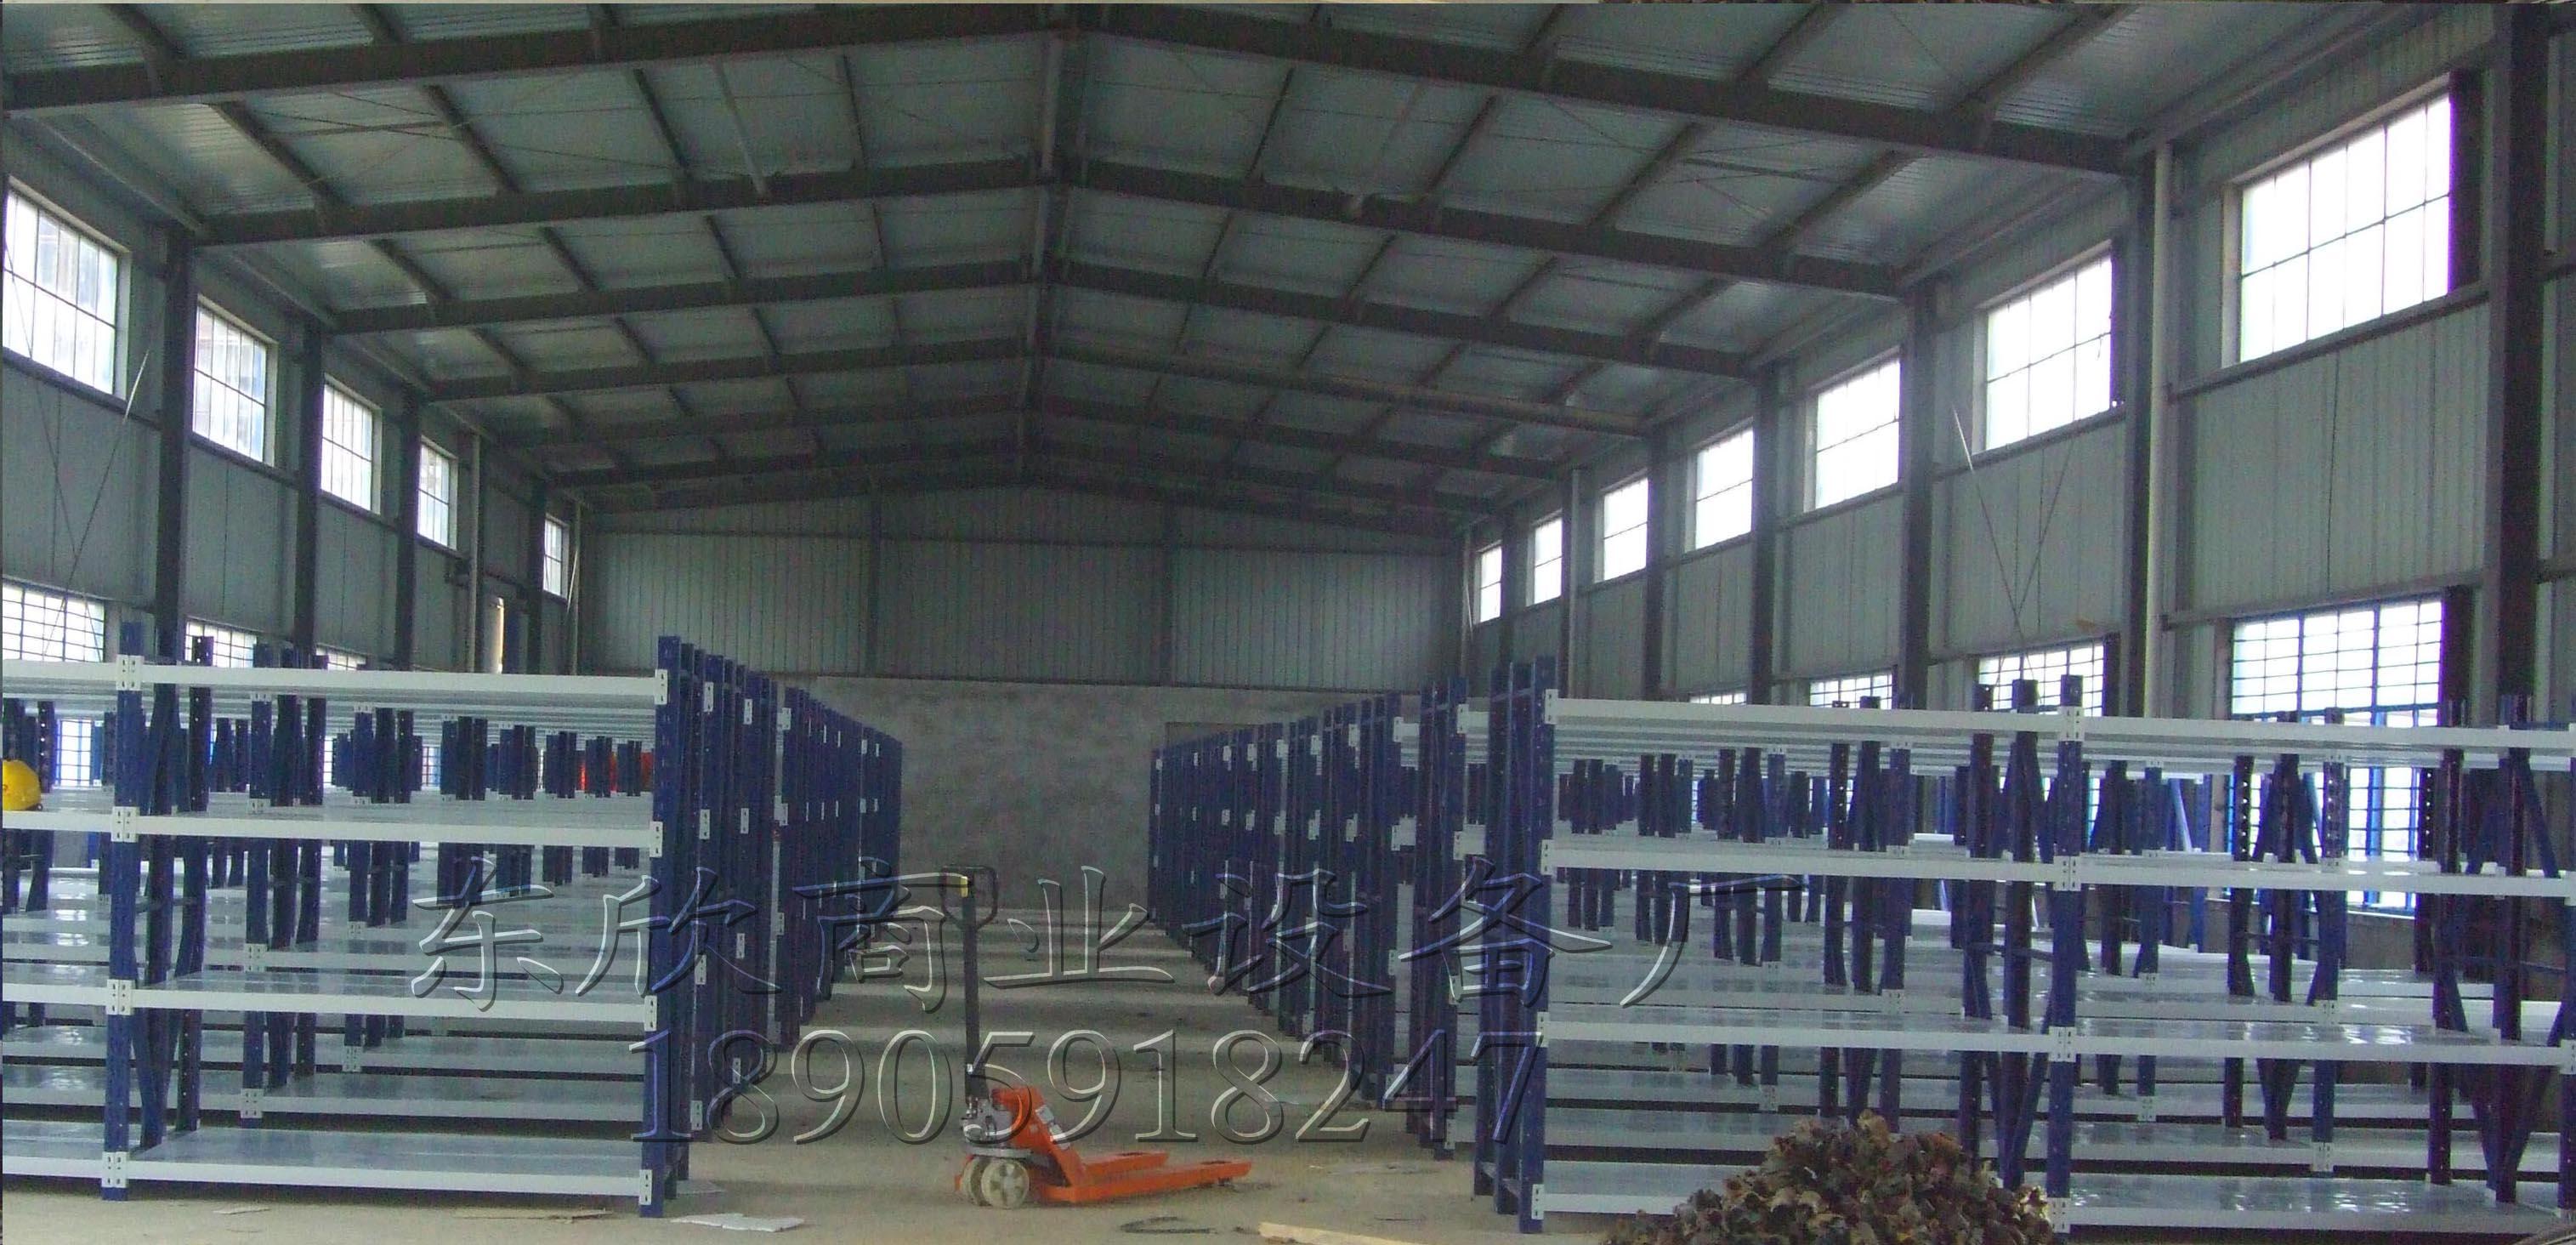 长乐电厂货架安装效果图